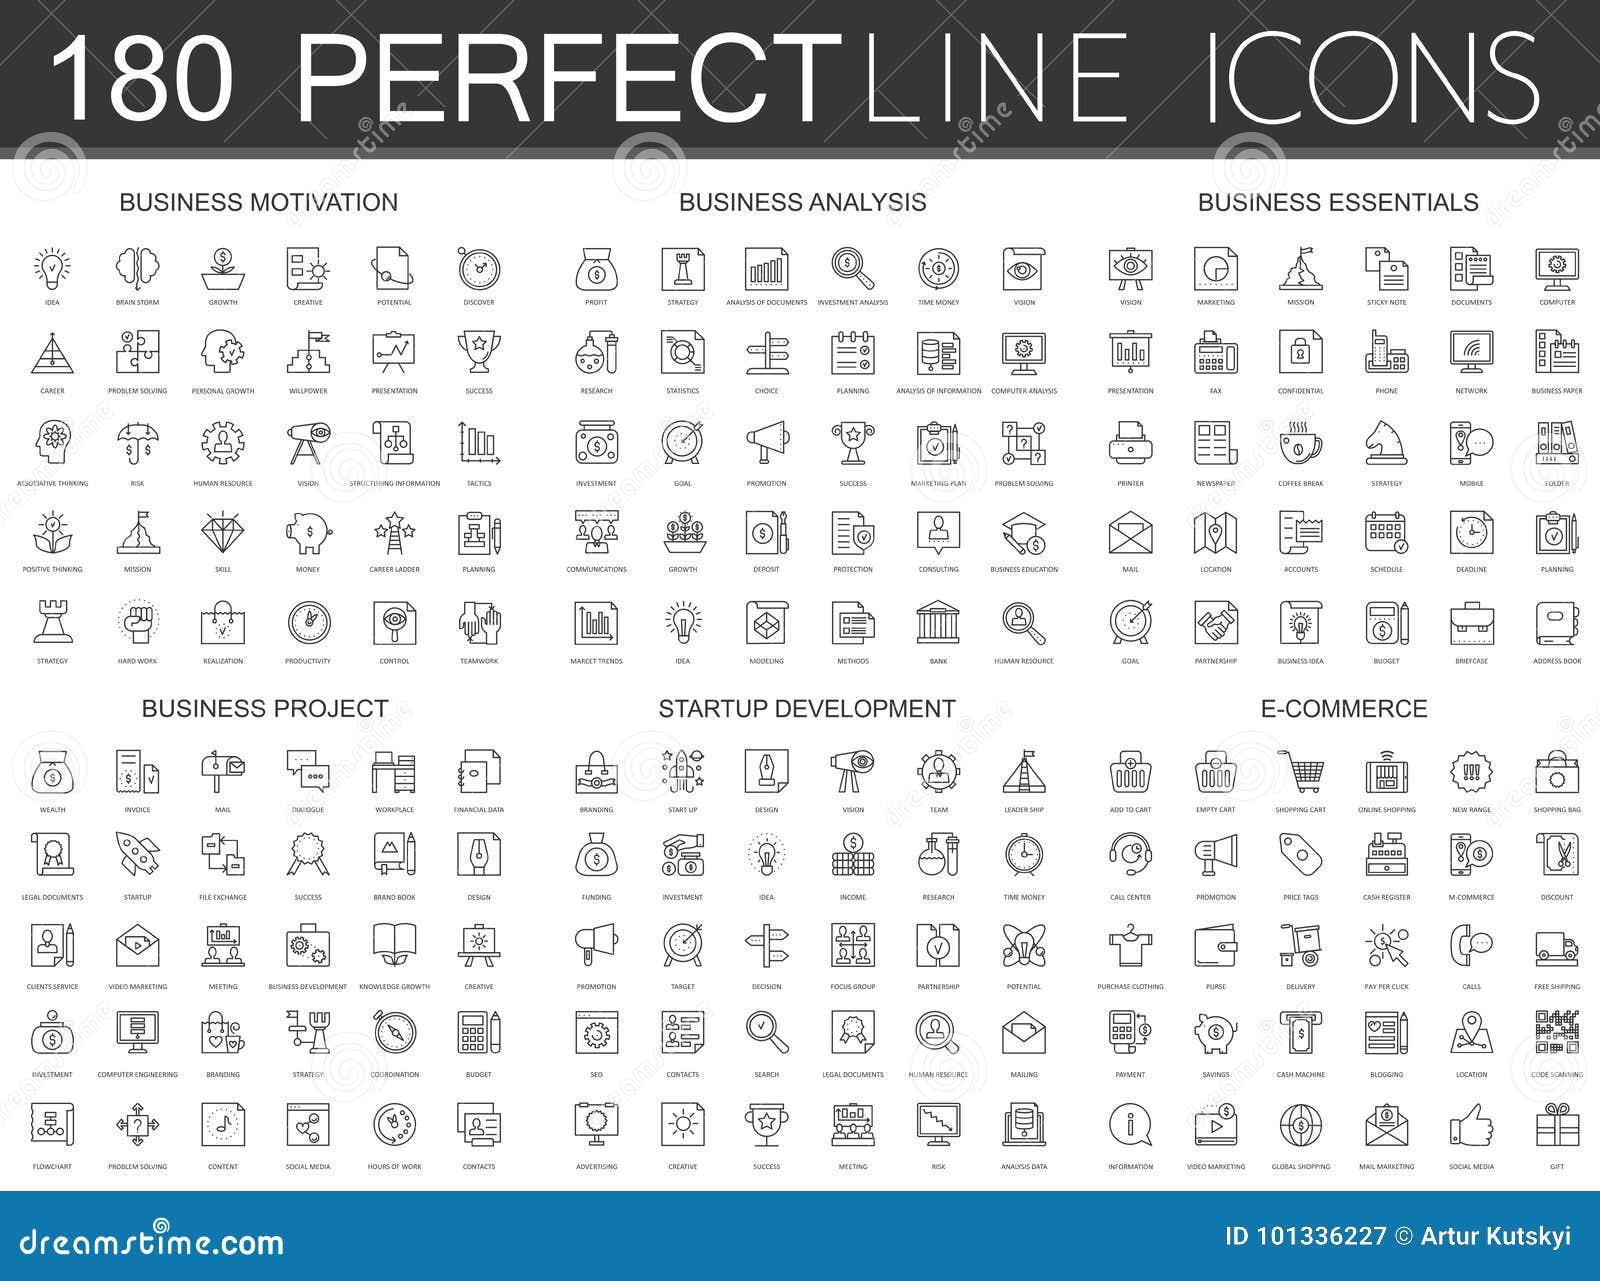 180 linha fina moderna ícones ajustados da motivação do negócio, análise, fundamentos do negócio, projeto do negócio, partida